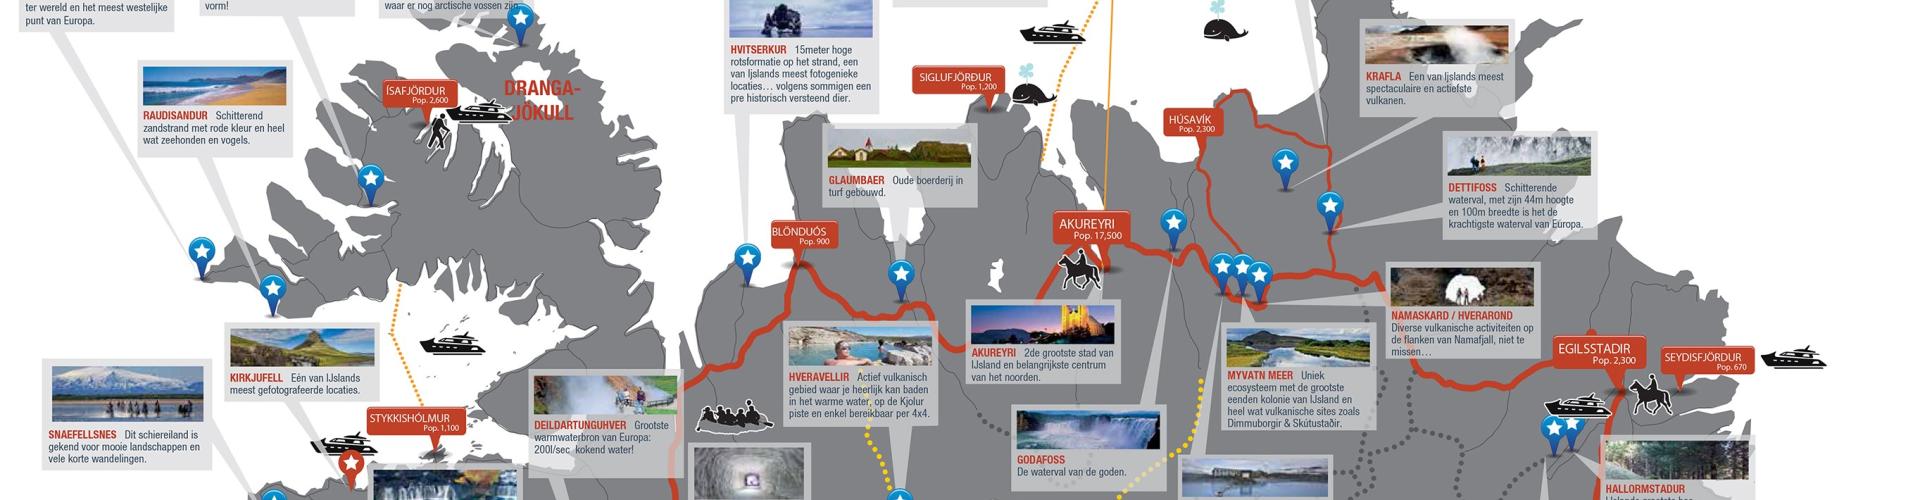 Plan uw IJsland reis